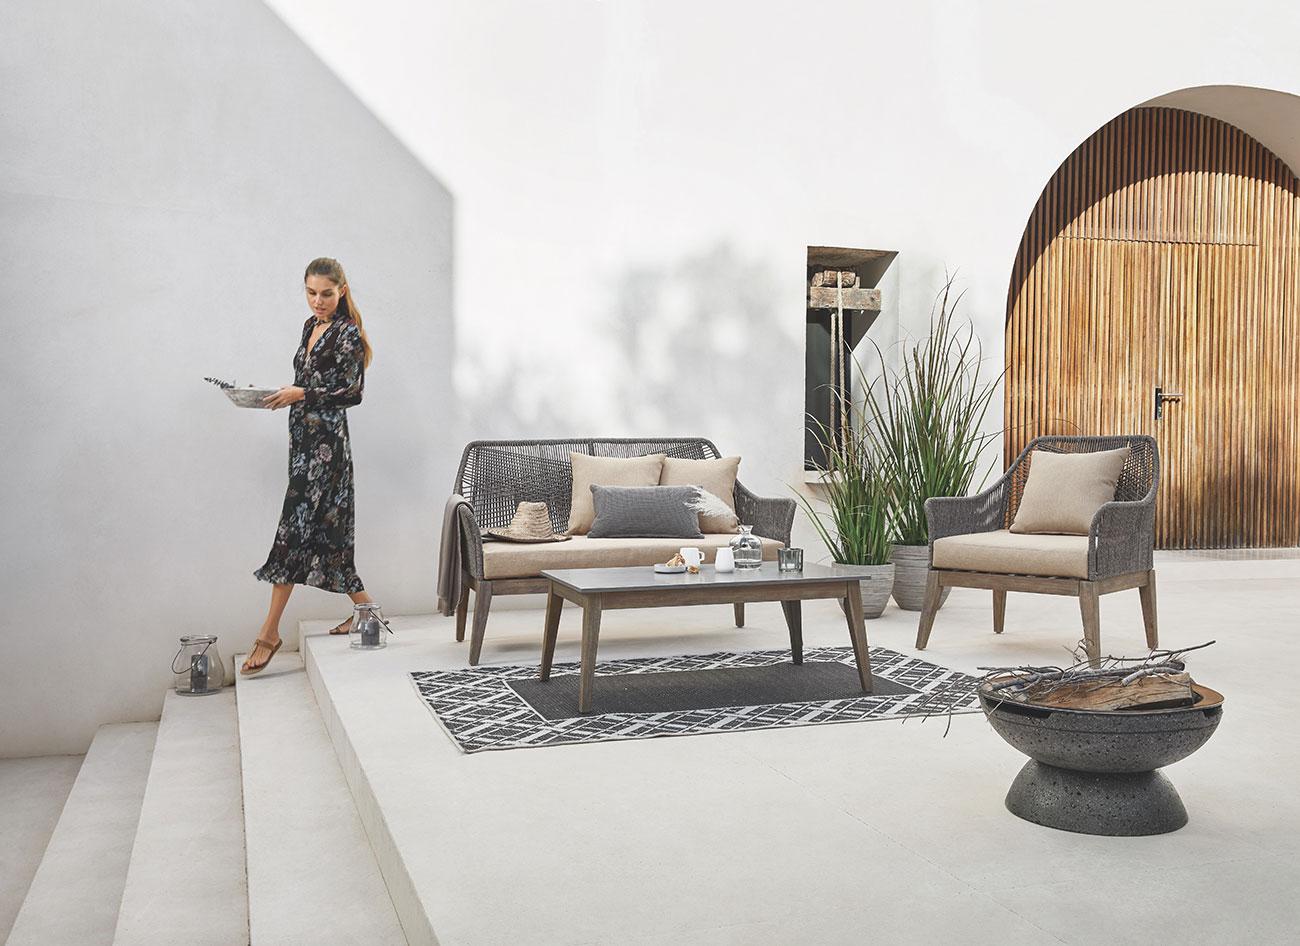 Gartenmöbel 2018 von DEPOT - Wohnkonfetti